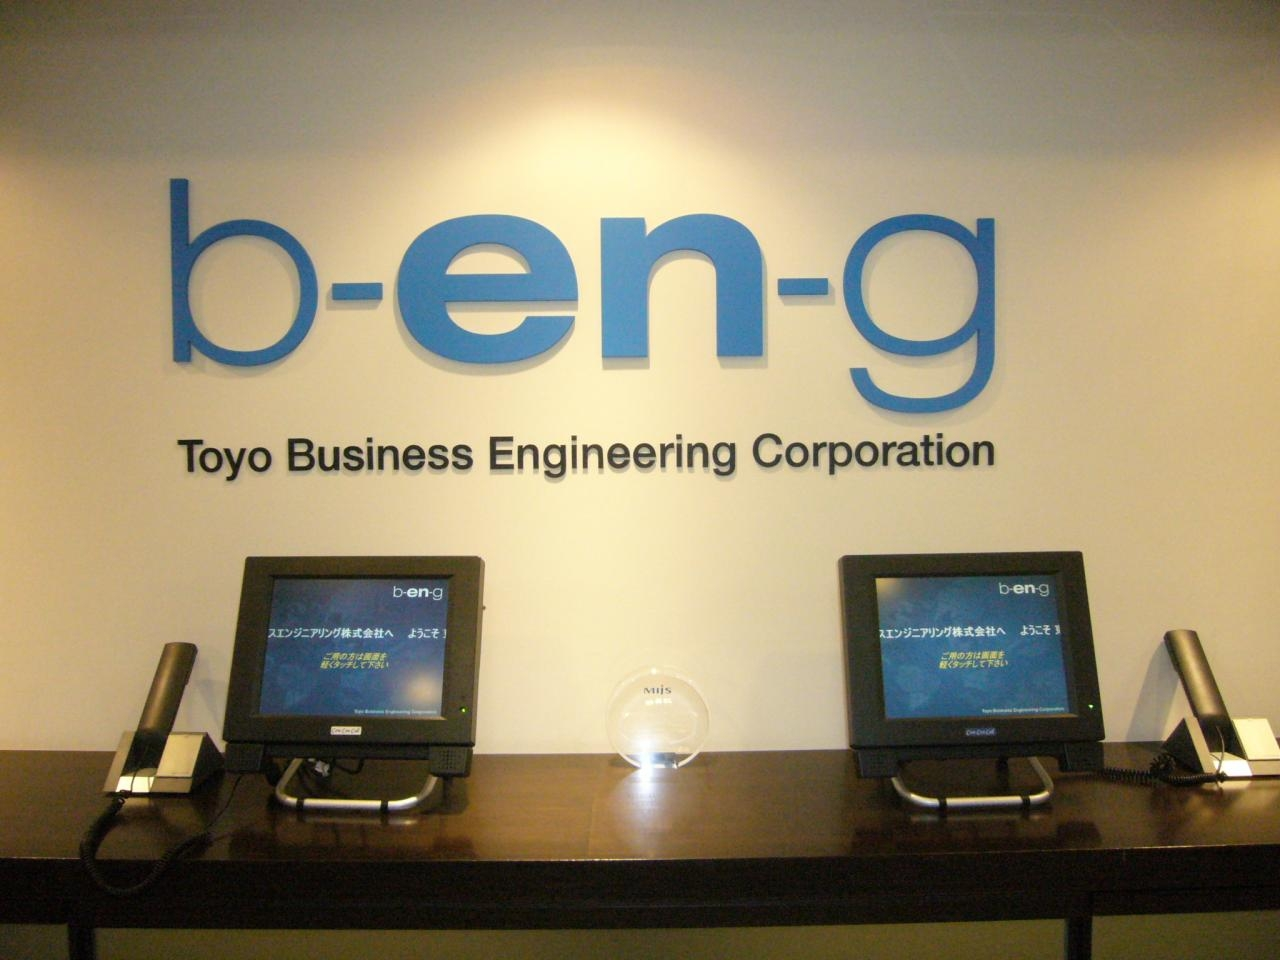 東洋ビジネスエンジニアリング株式会社 /【SE/コンサルタント】自社製品開発&上流工程から携われます!